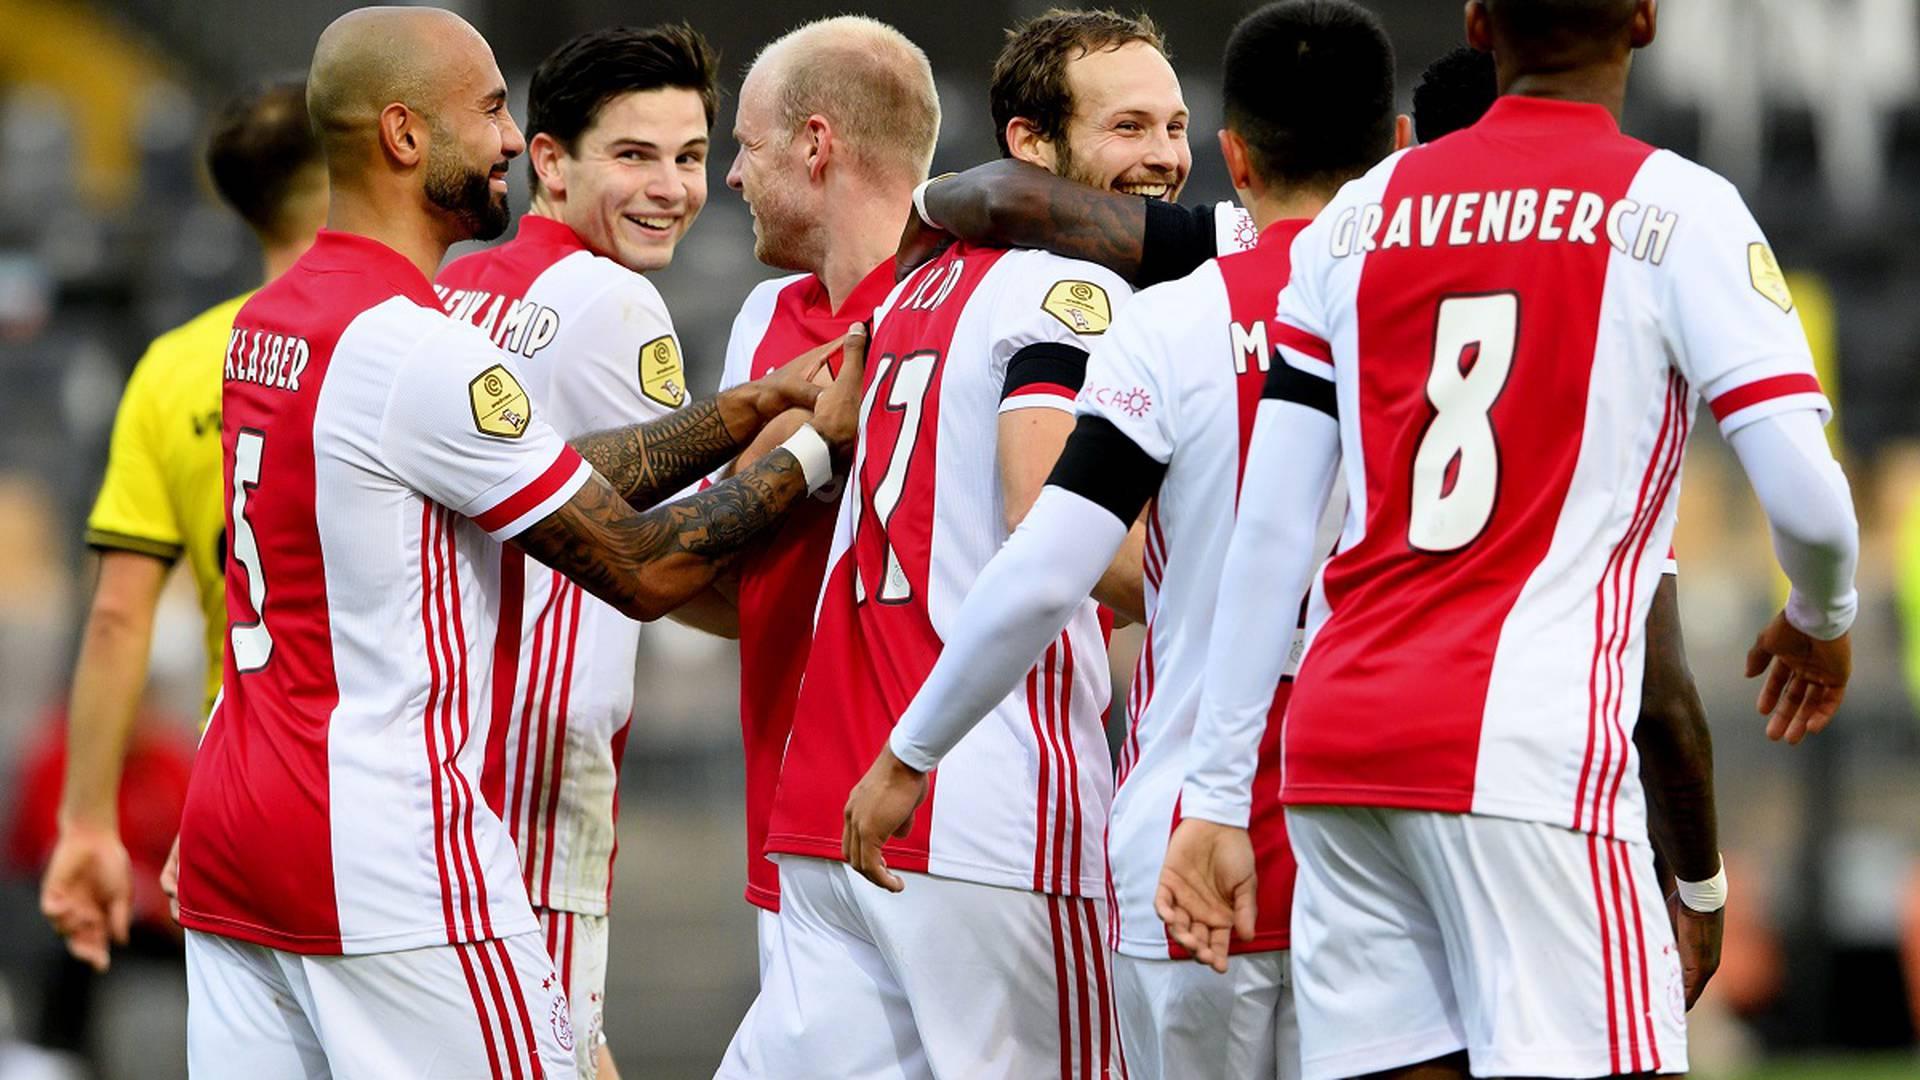 Récord en el fútbol de Holanda: Ajax humilló 13-0 al Venlo